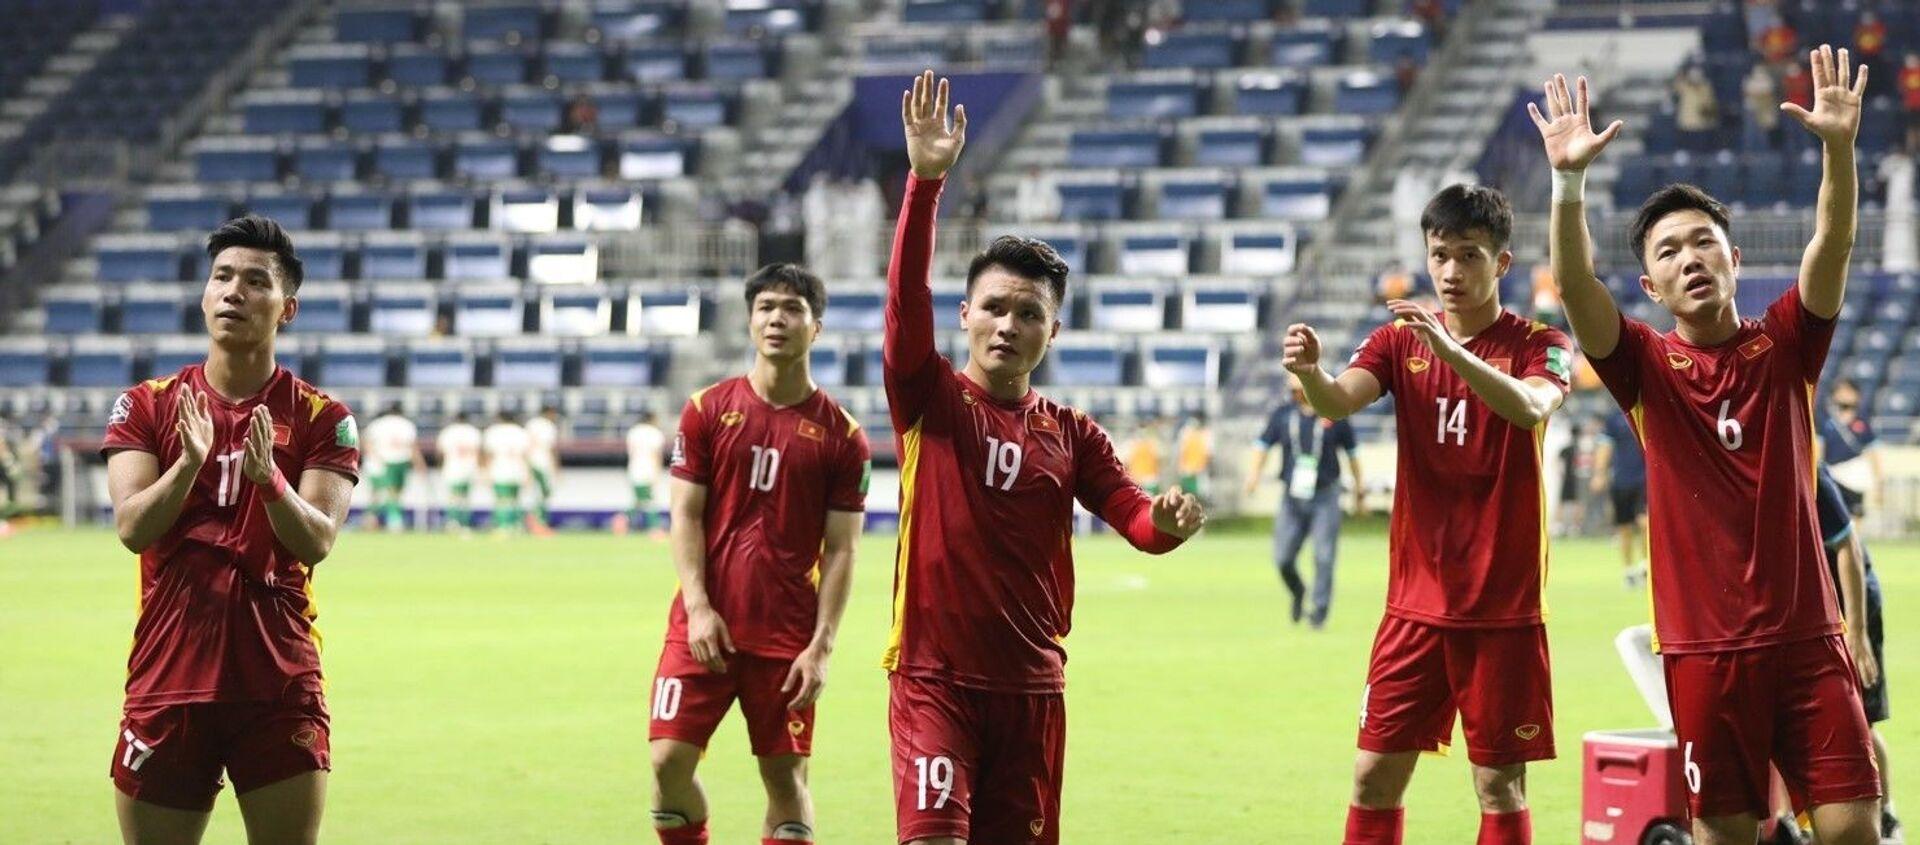 Các cầu thủ Việt Nam cảm ơn người hâm mộ sau khi kết thúc trận đấu. - Sputnik Việt Nam, 1920, 08.06.2021